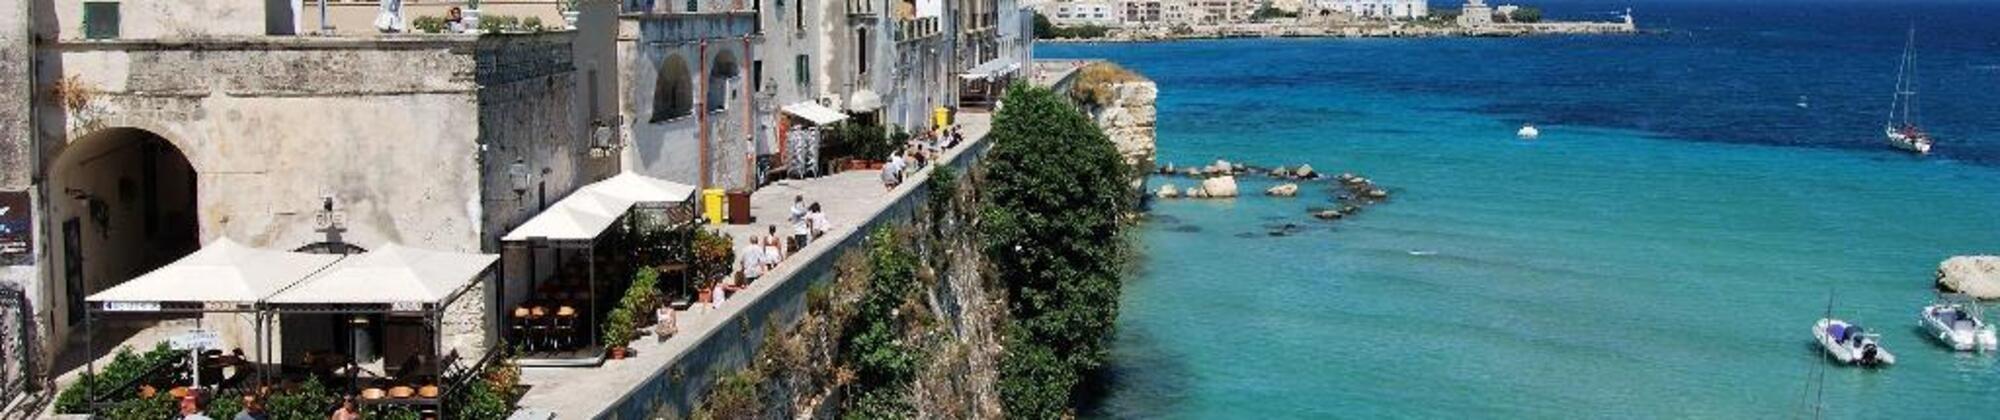 Perché tutti vogliono andare in Salento, Puglia?